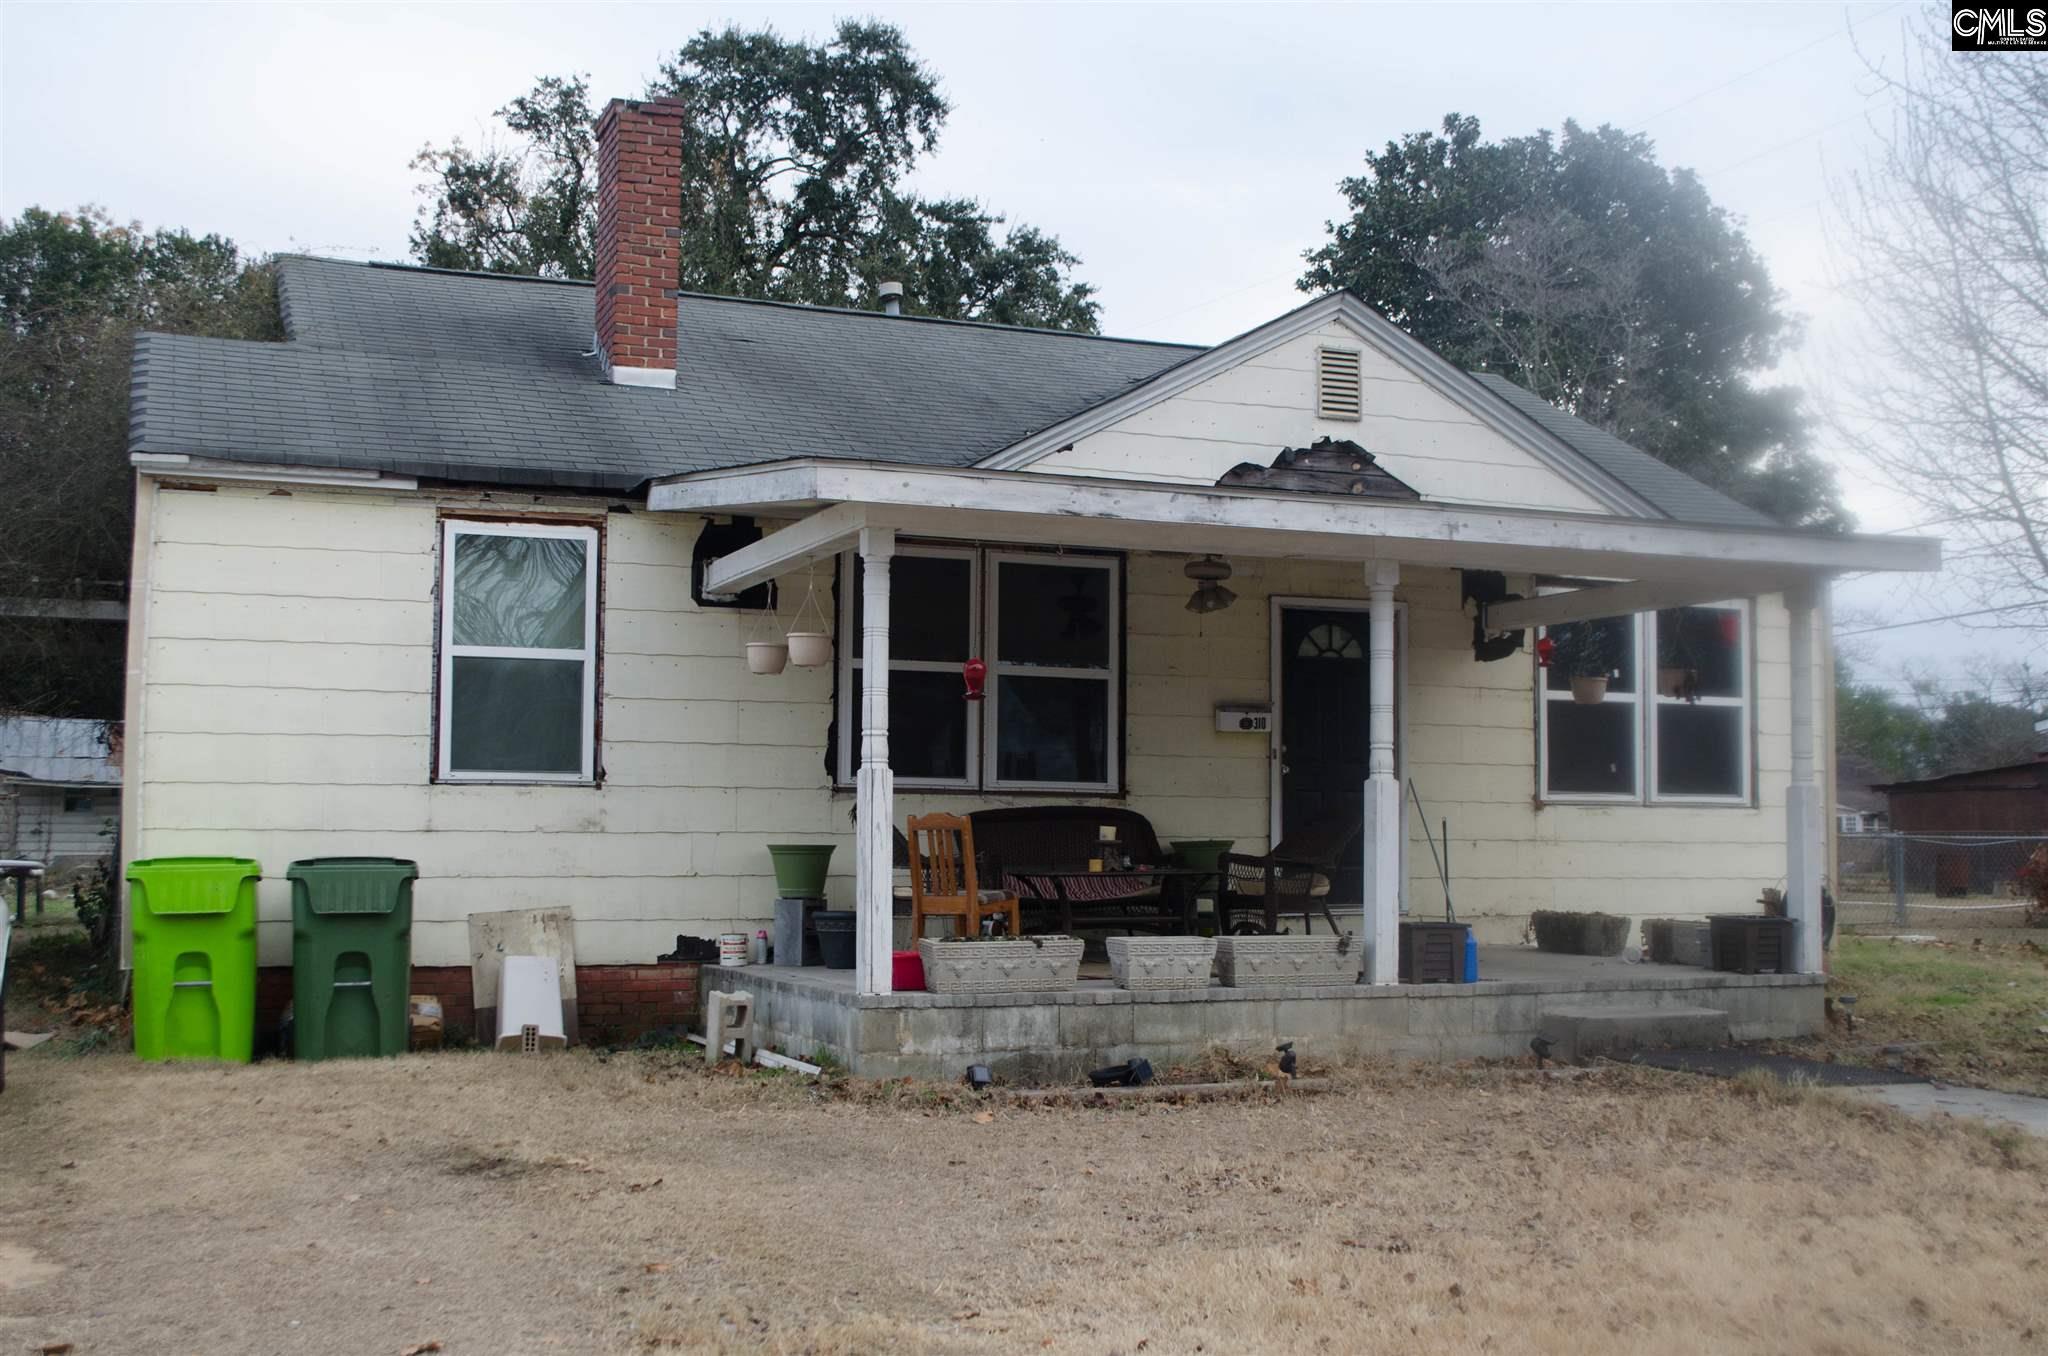 310  Virginia Columbia, SC 29201